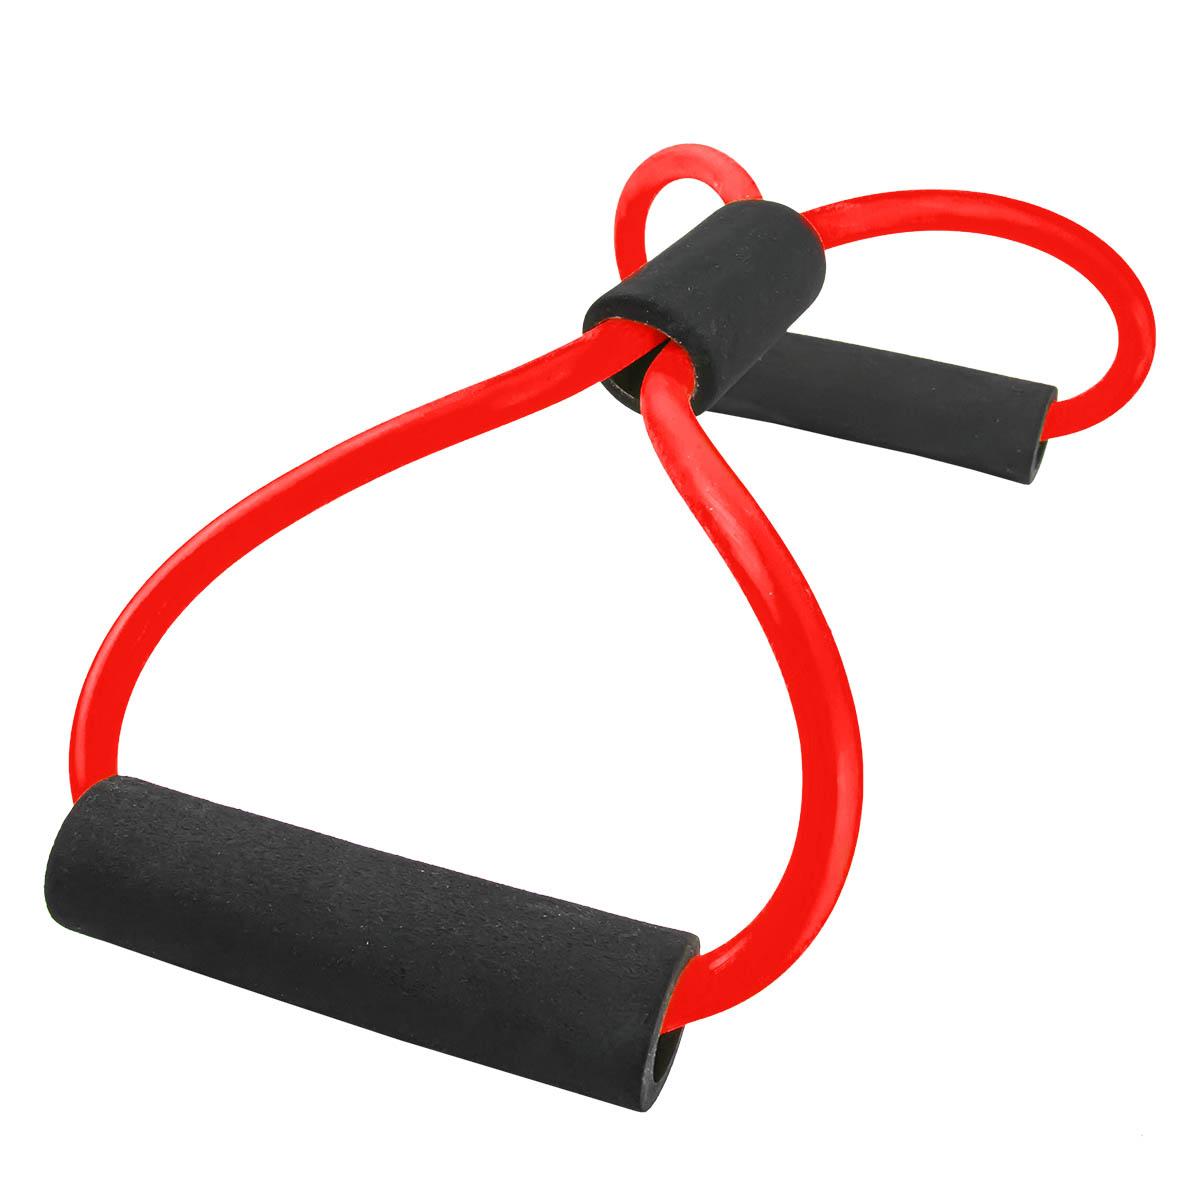 Elástico de Tensão Multifuncional para Treino e Exercícios Crosstube MBfit MB87114